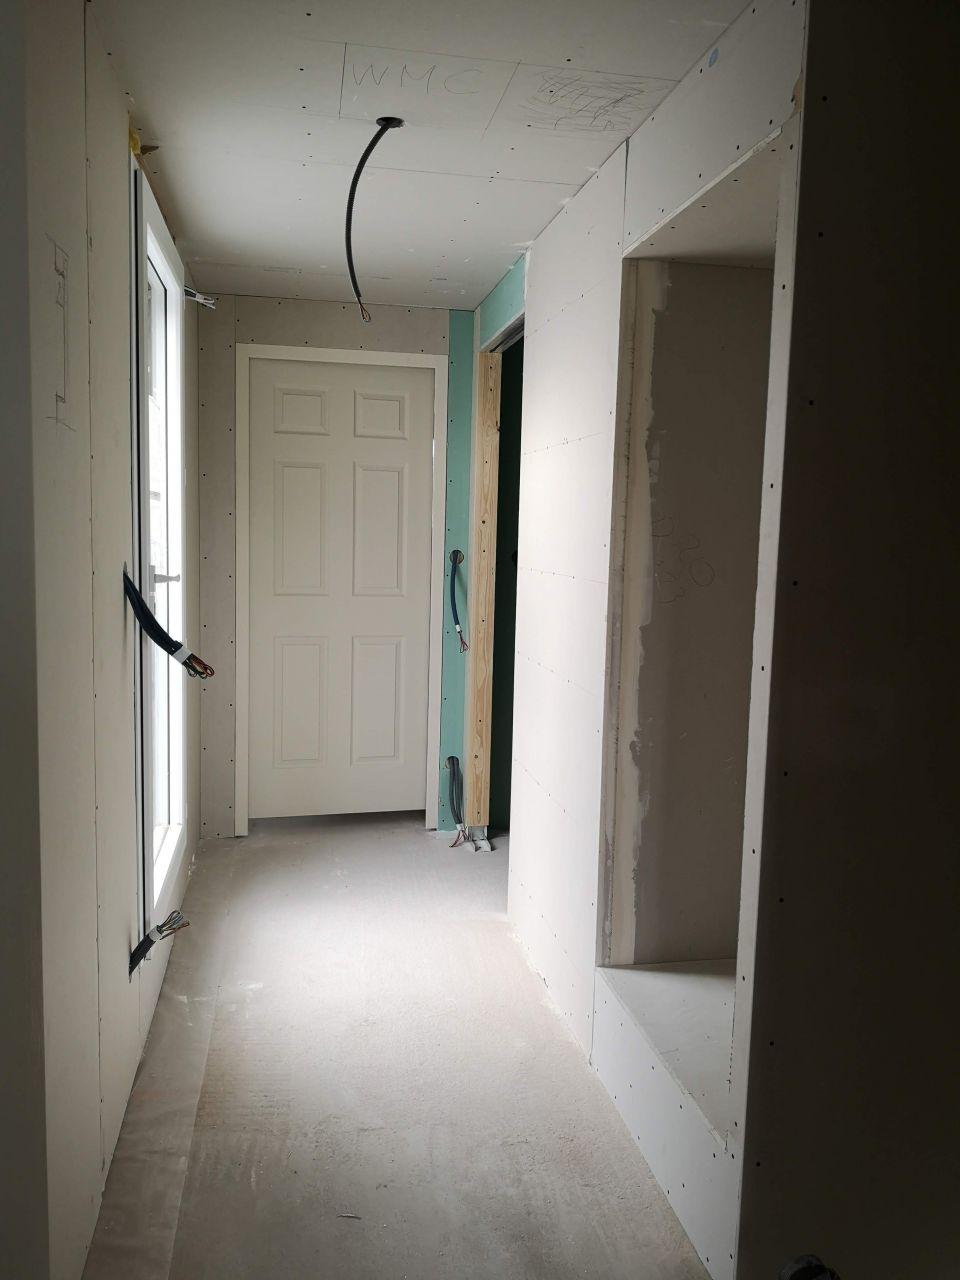 Pose du placo dans les pièces de l'étage et installation des portes 6 panneaux (nos portes au design américain )